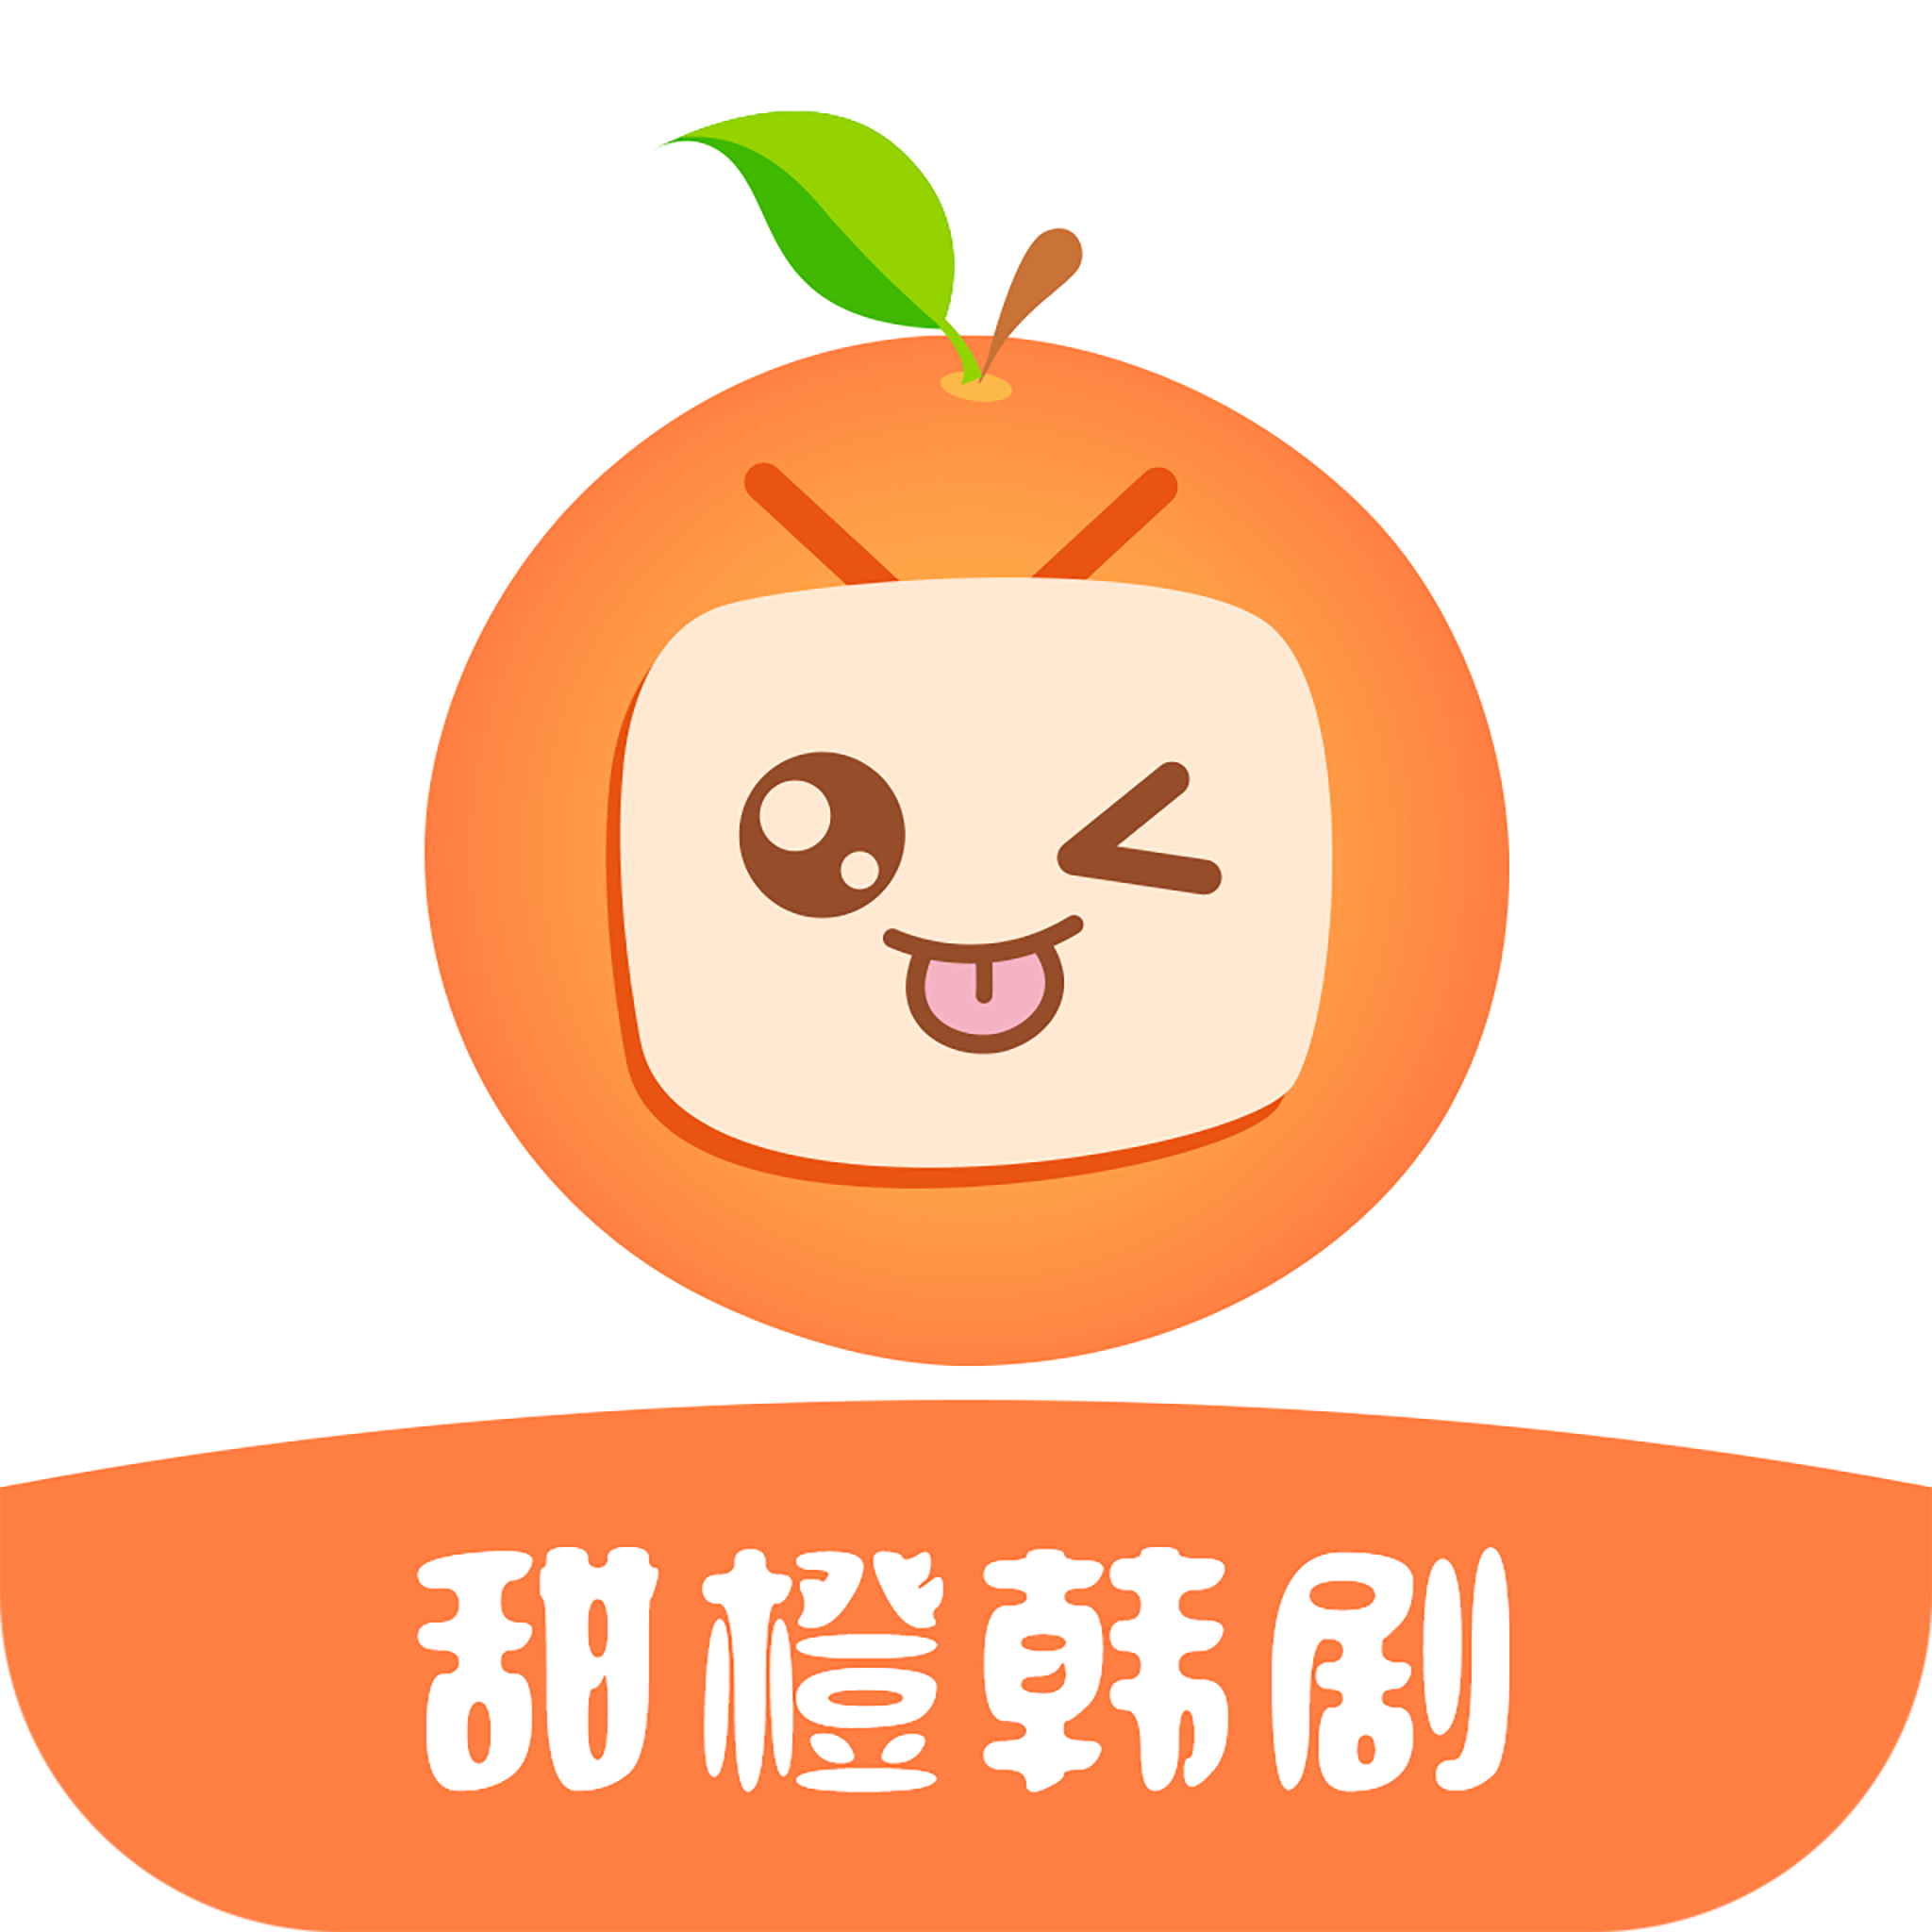 甜橙韩剧破解版v1.0.0 去广告版